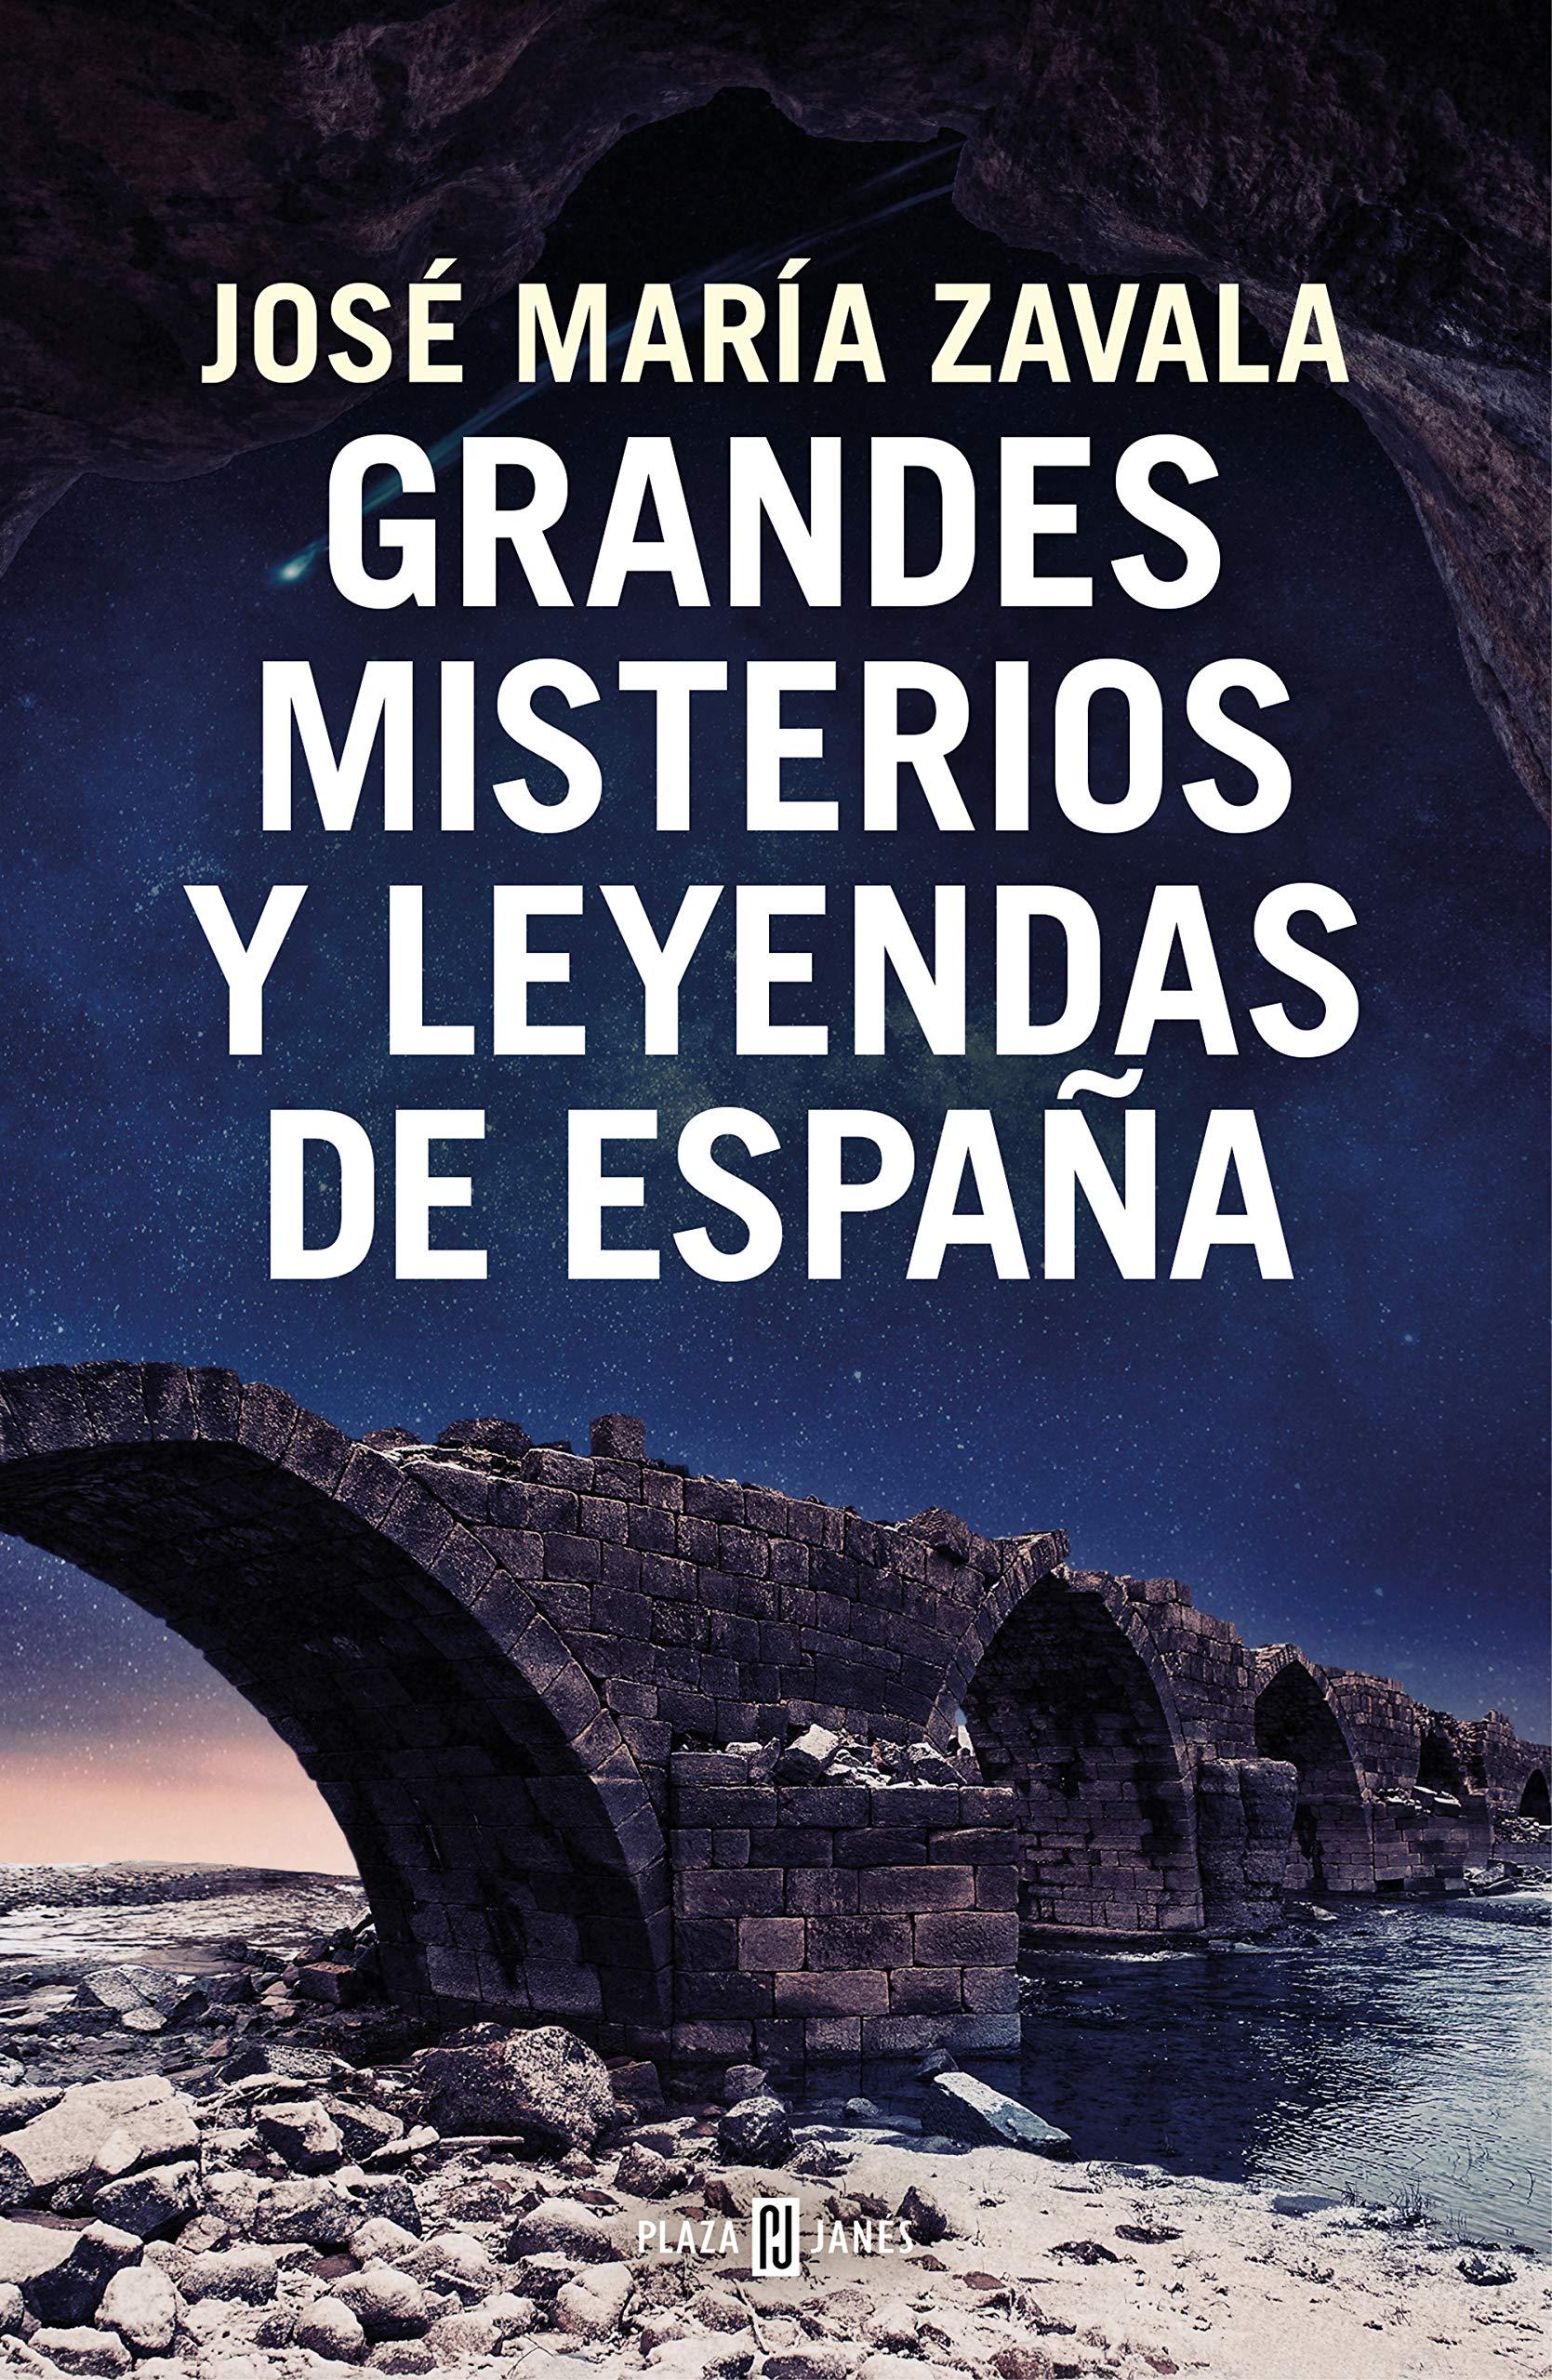 Grandes misterios y leyendas de España Obras diversas: Amazon.es: Zavala, José María: Libros